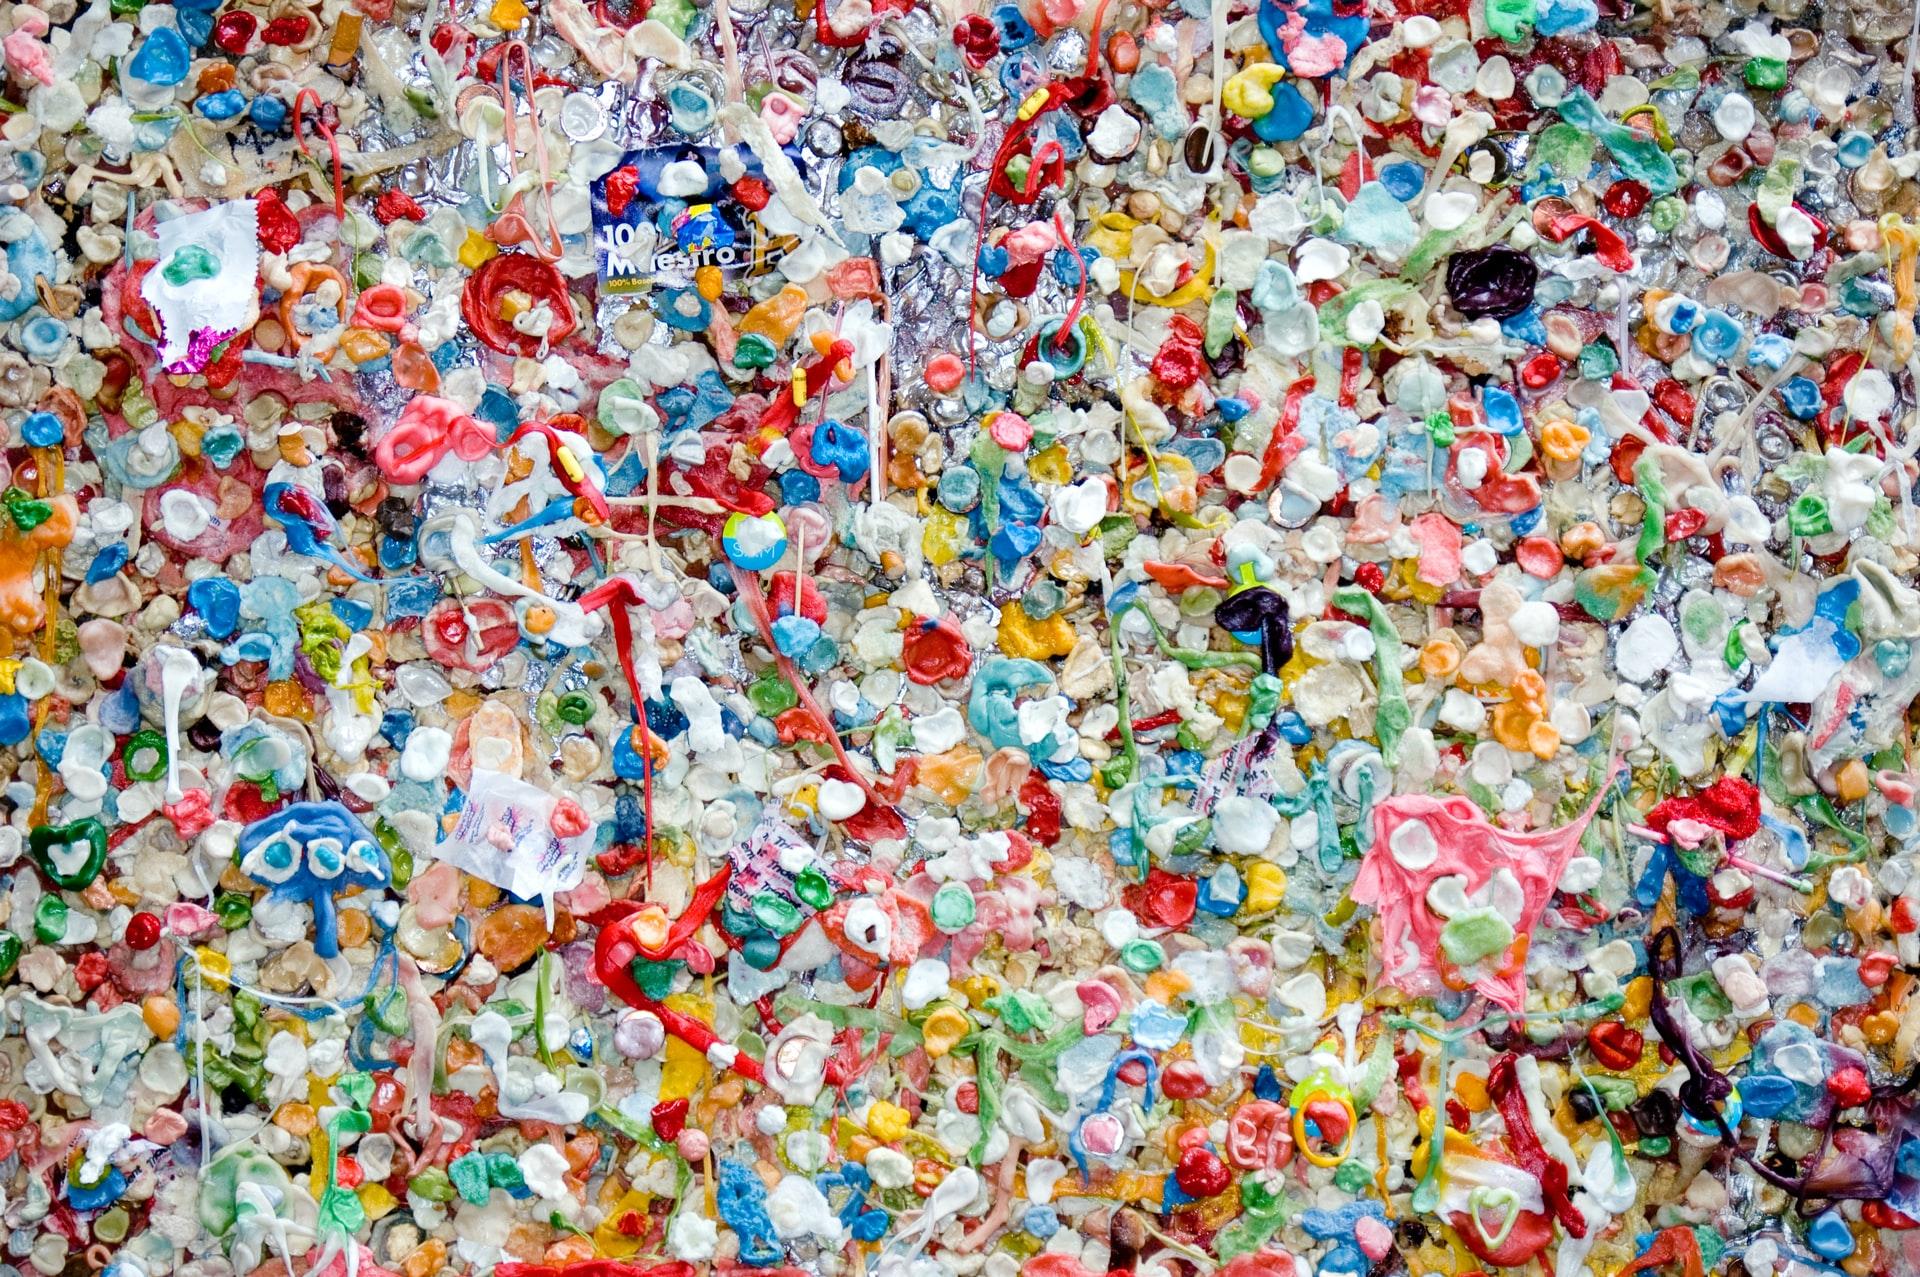 Avrupa Birliği'nden çevreci karar: Tek kullanımlık plastiklere yasak geliyor! Yarın başlayacak!